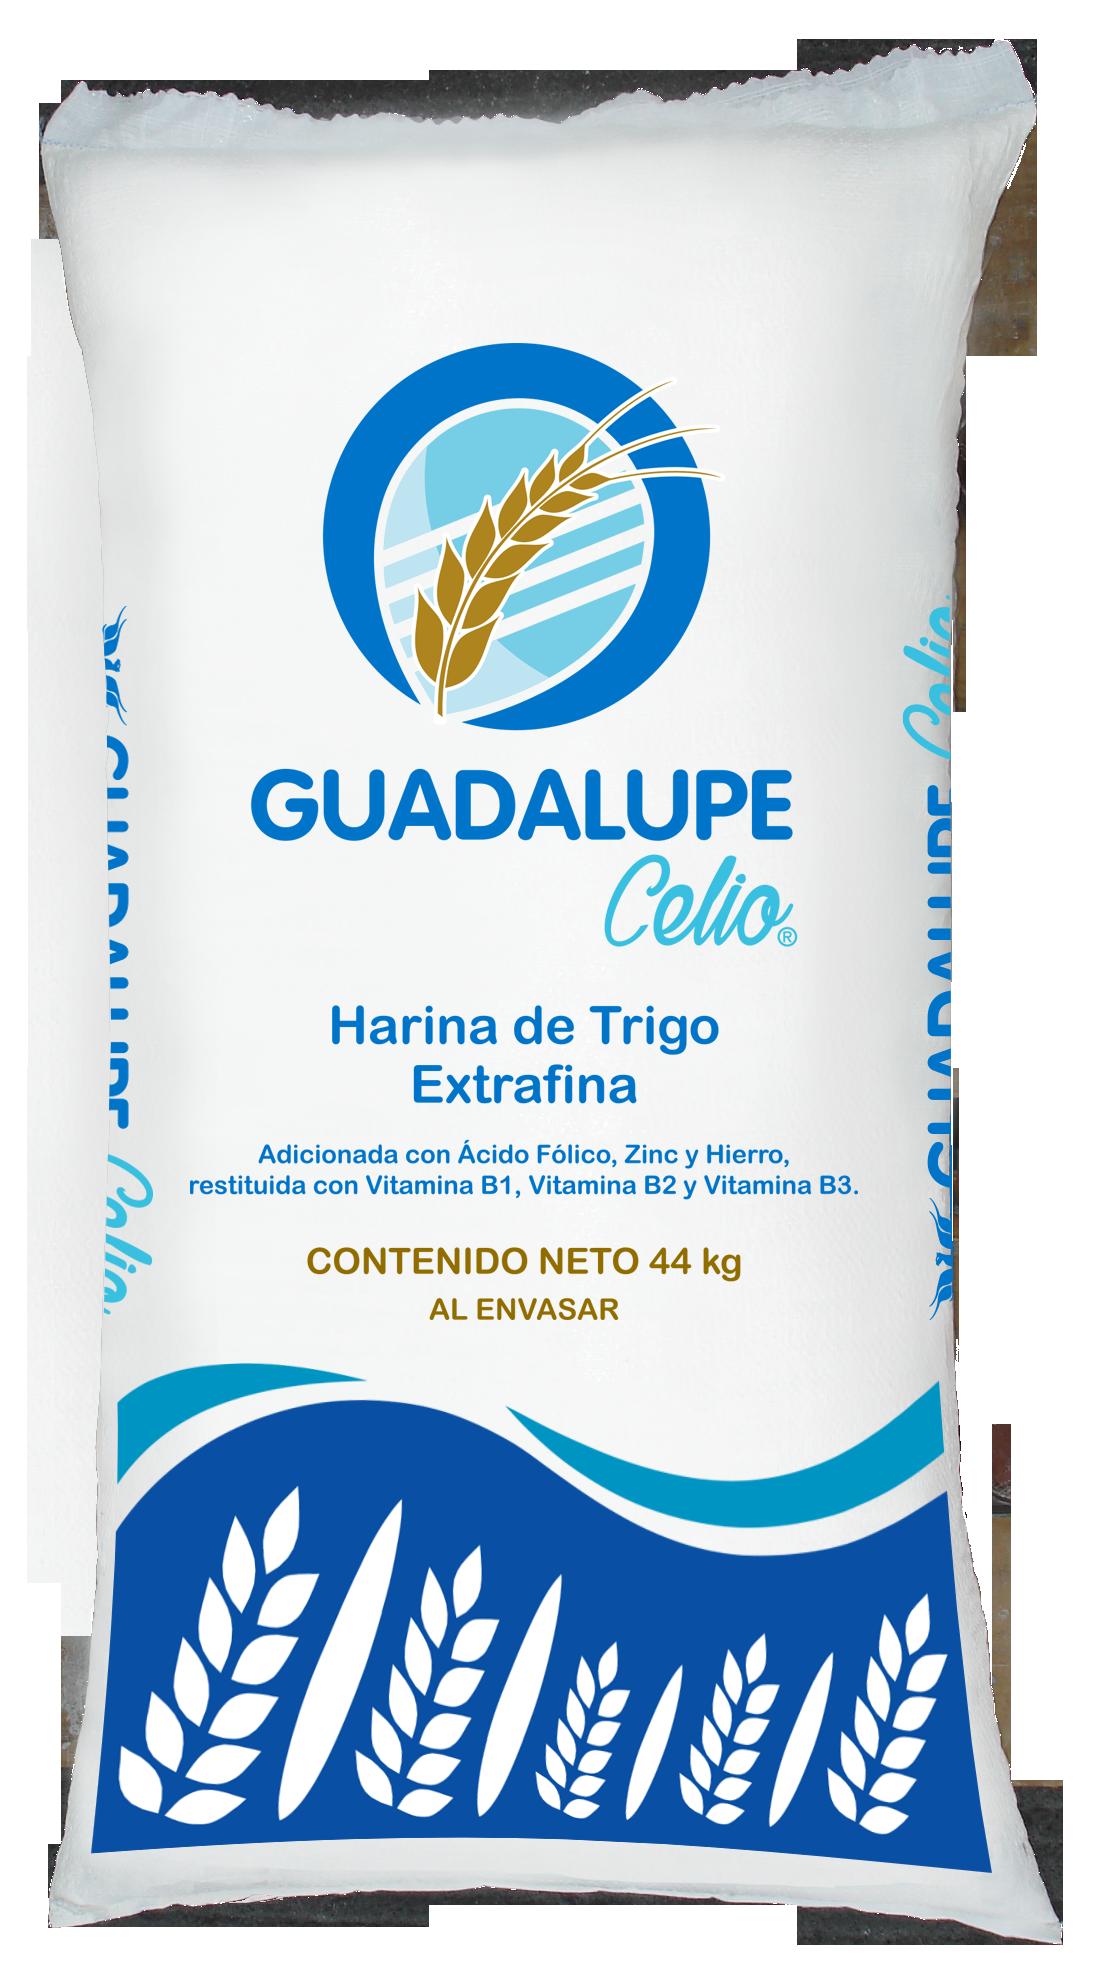 Harina de Trigo Guadalupe Celio